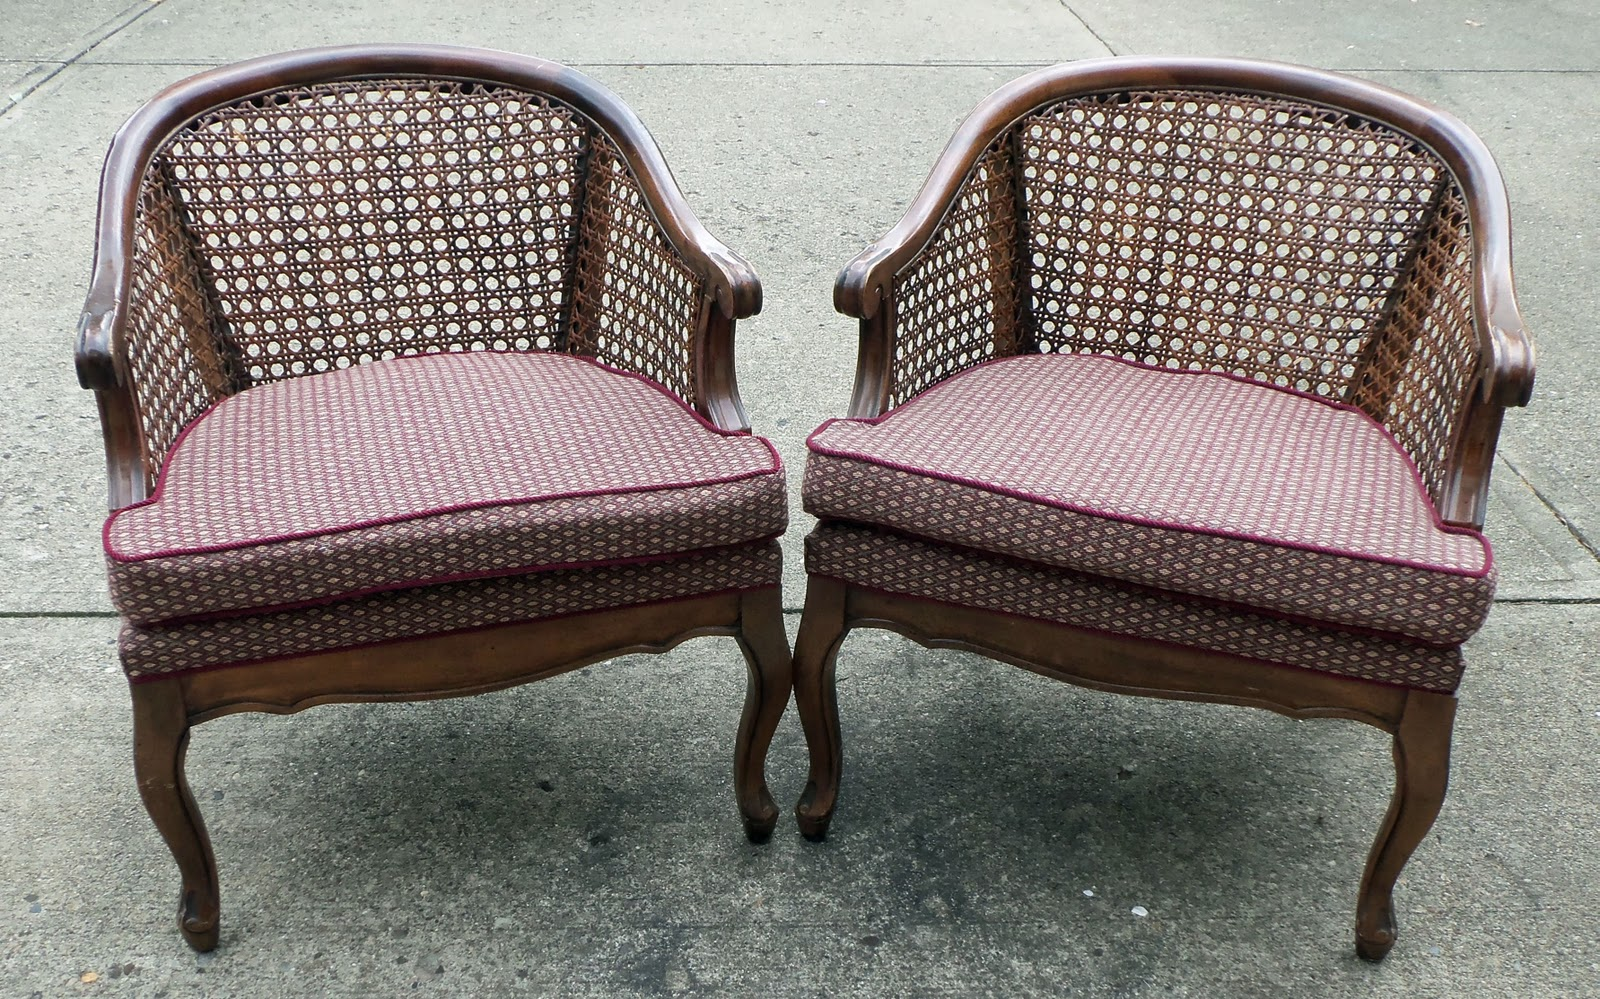 Craigslist Cane Chairs